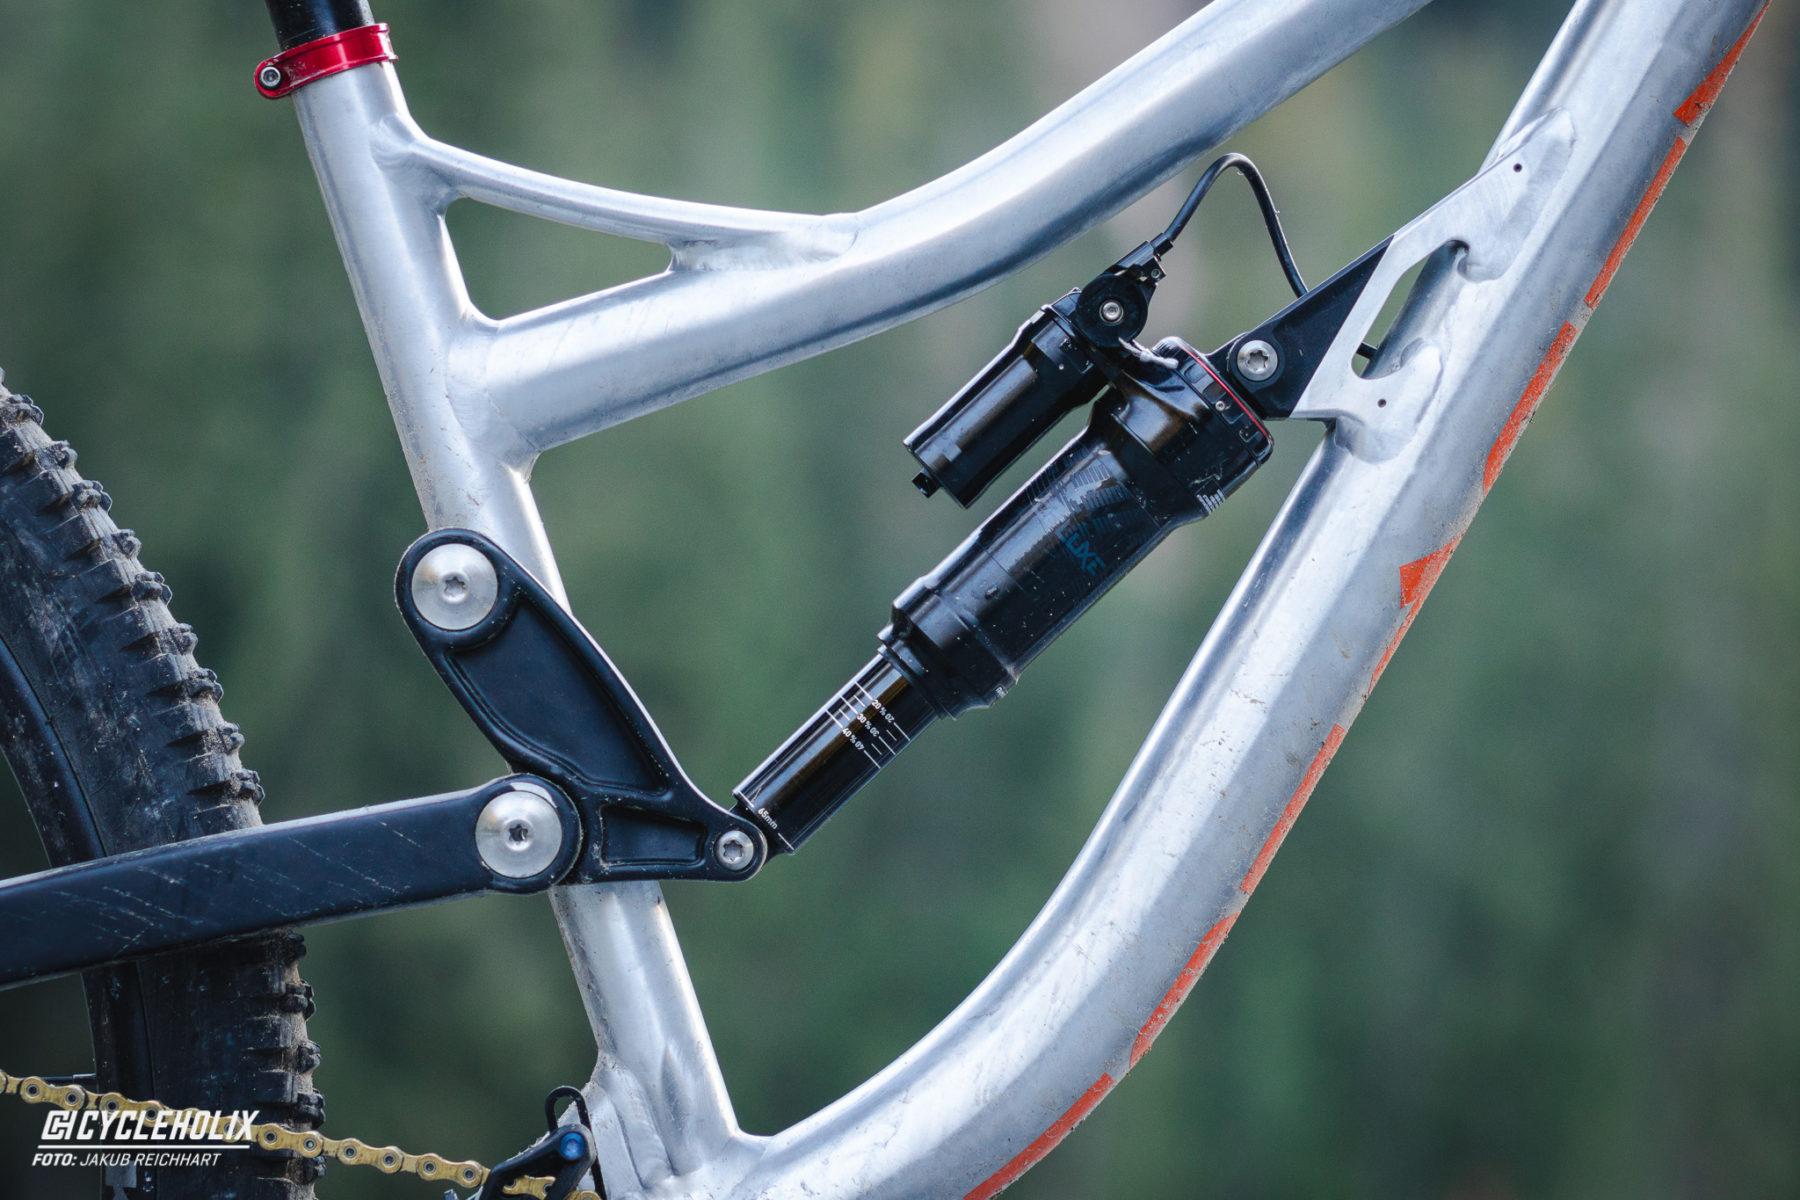 Alutech EOS Cycleholix 2048px 59